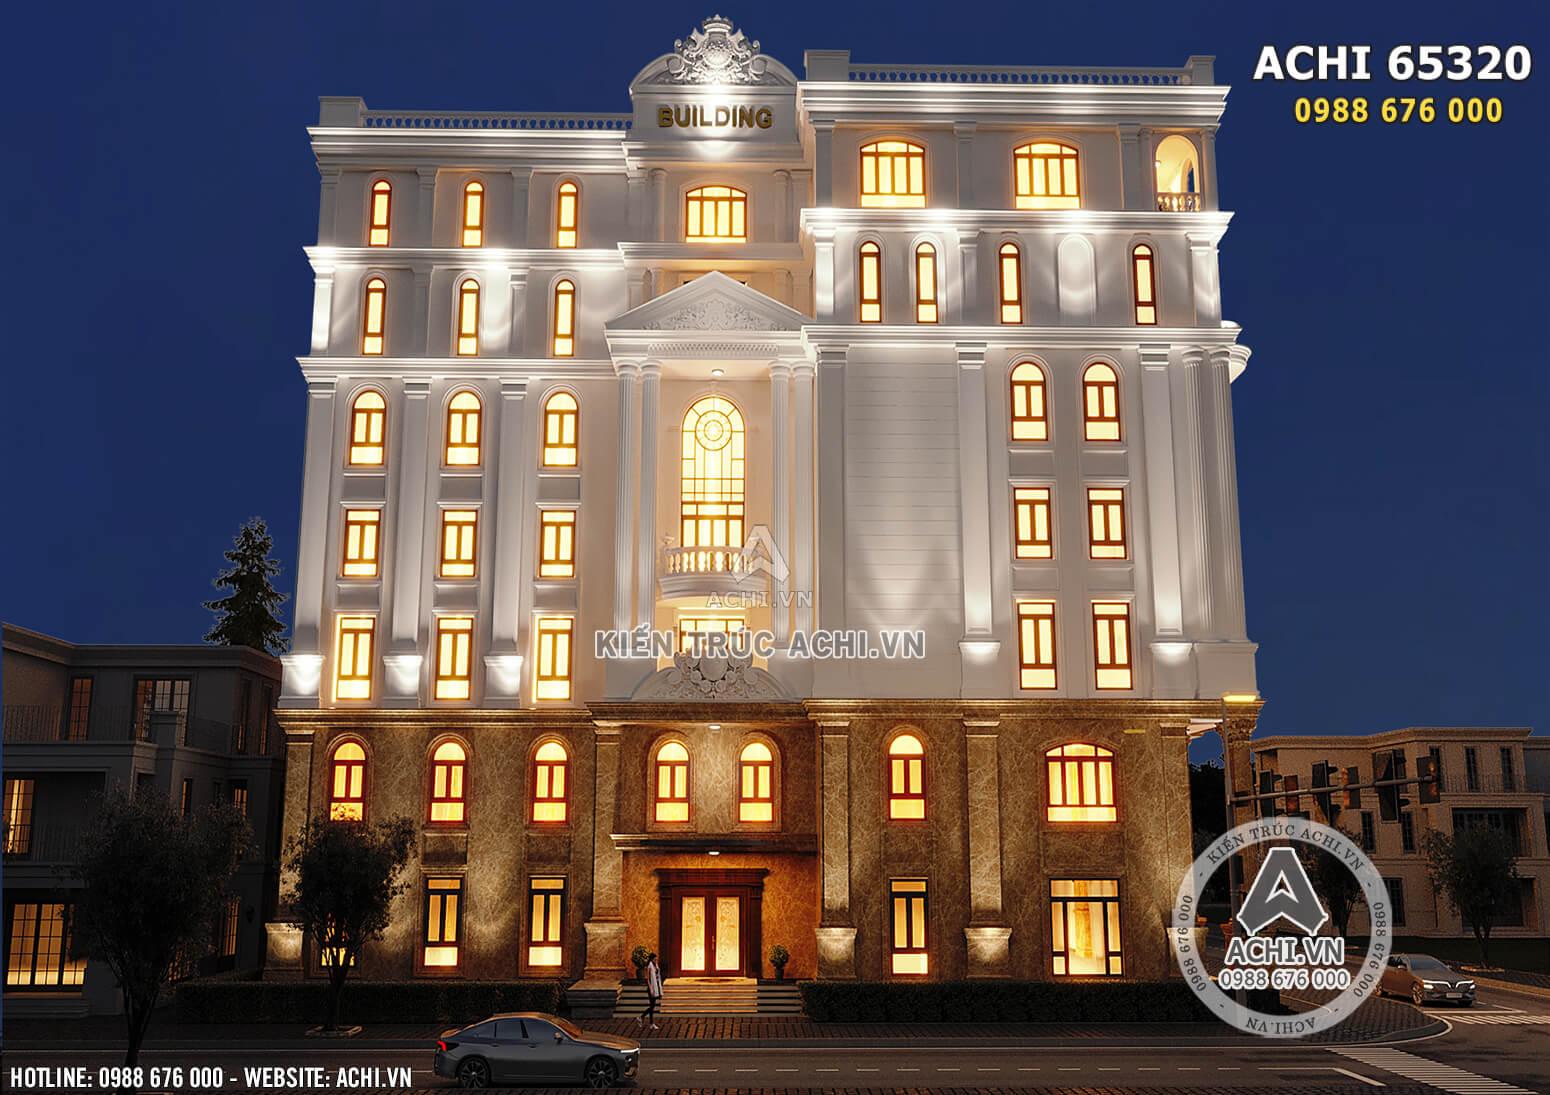 Hình ảnh: Tòa nhà văn phòng 7 tầng 2 mặt tiền đẹp - ACHI 65320